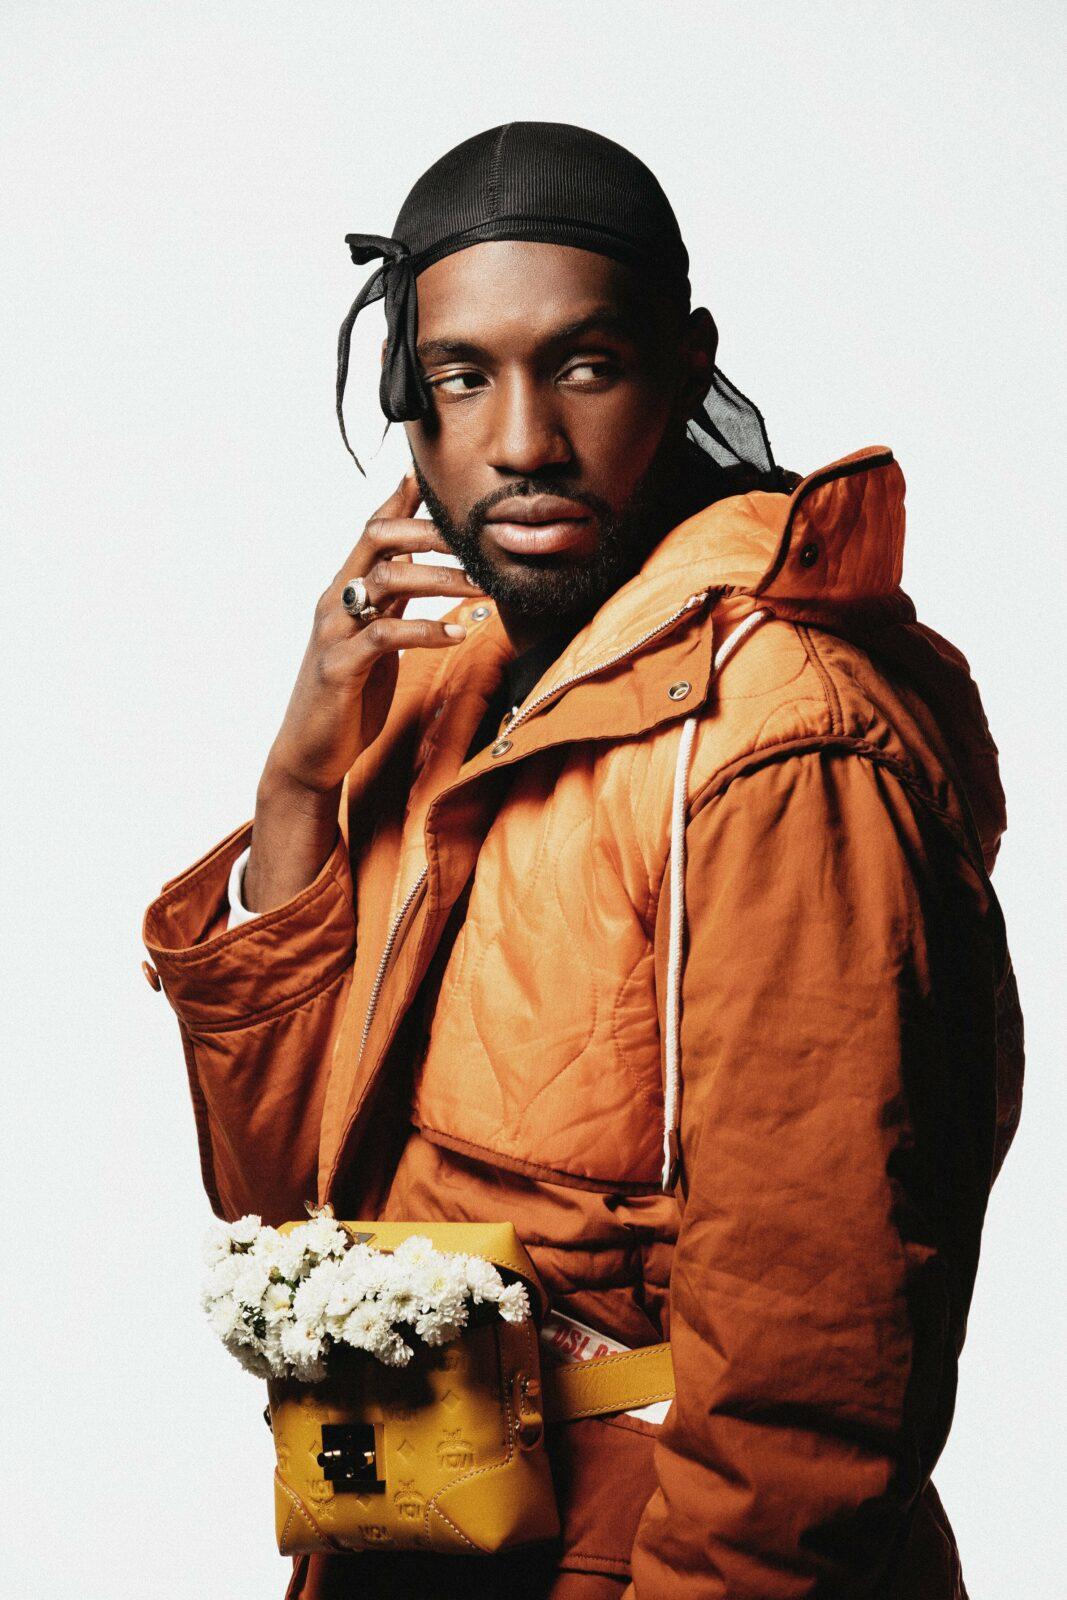 Un artiste intègre au service du rap.